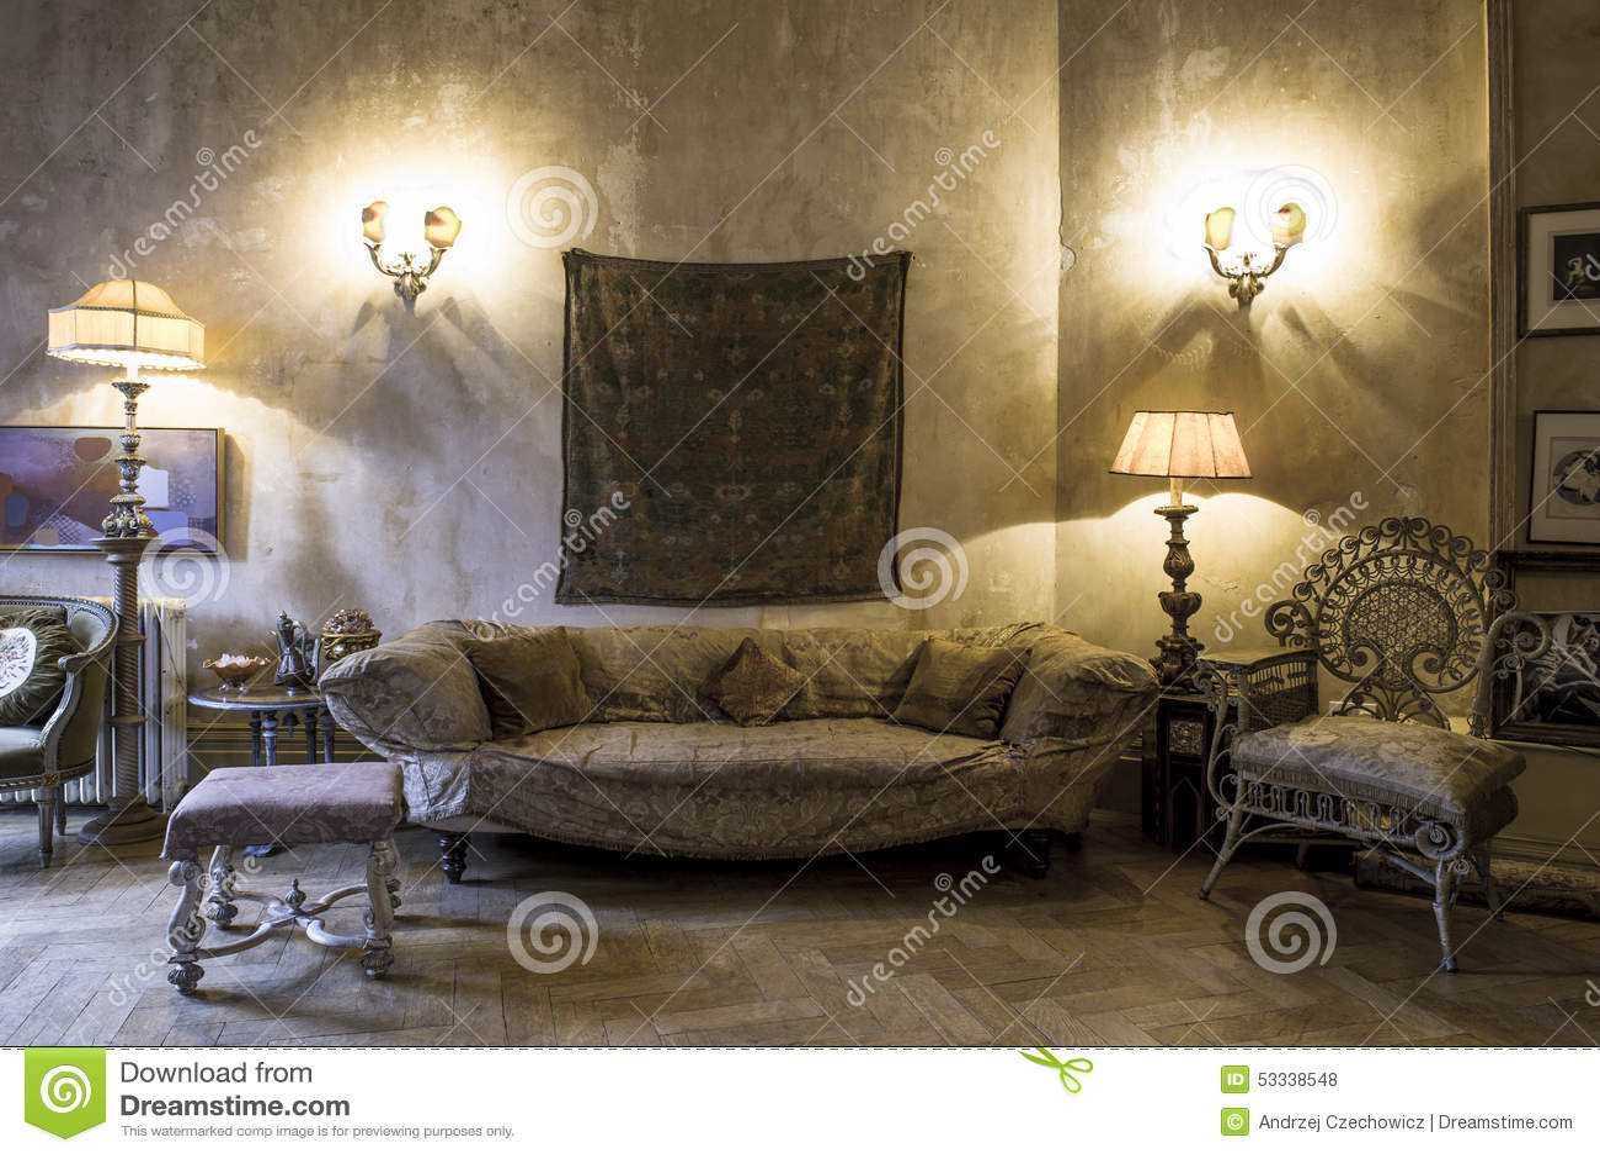 Antique furniture. Antique Furniture Editorial Stock Photo   Image  53338548